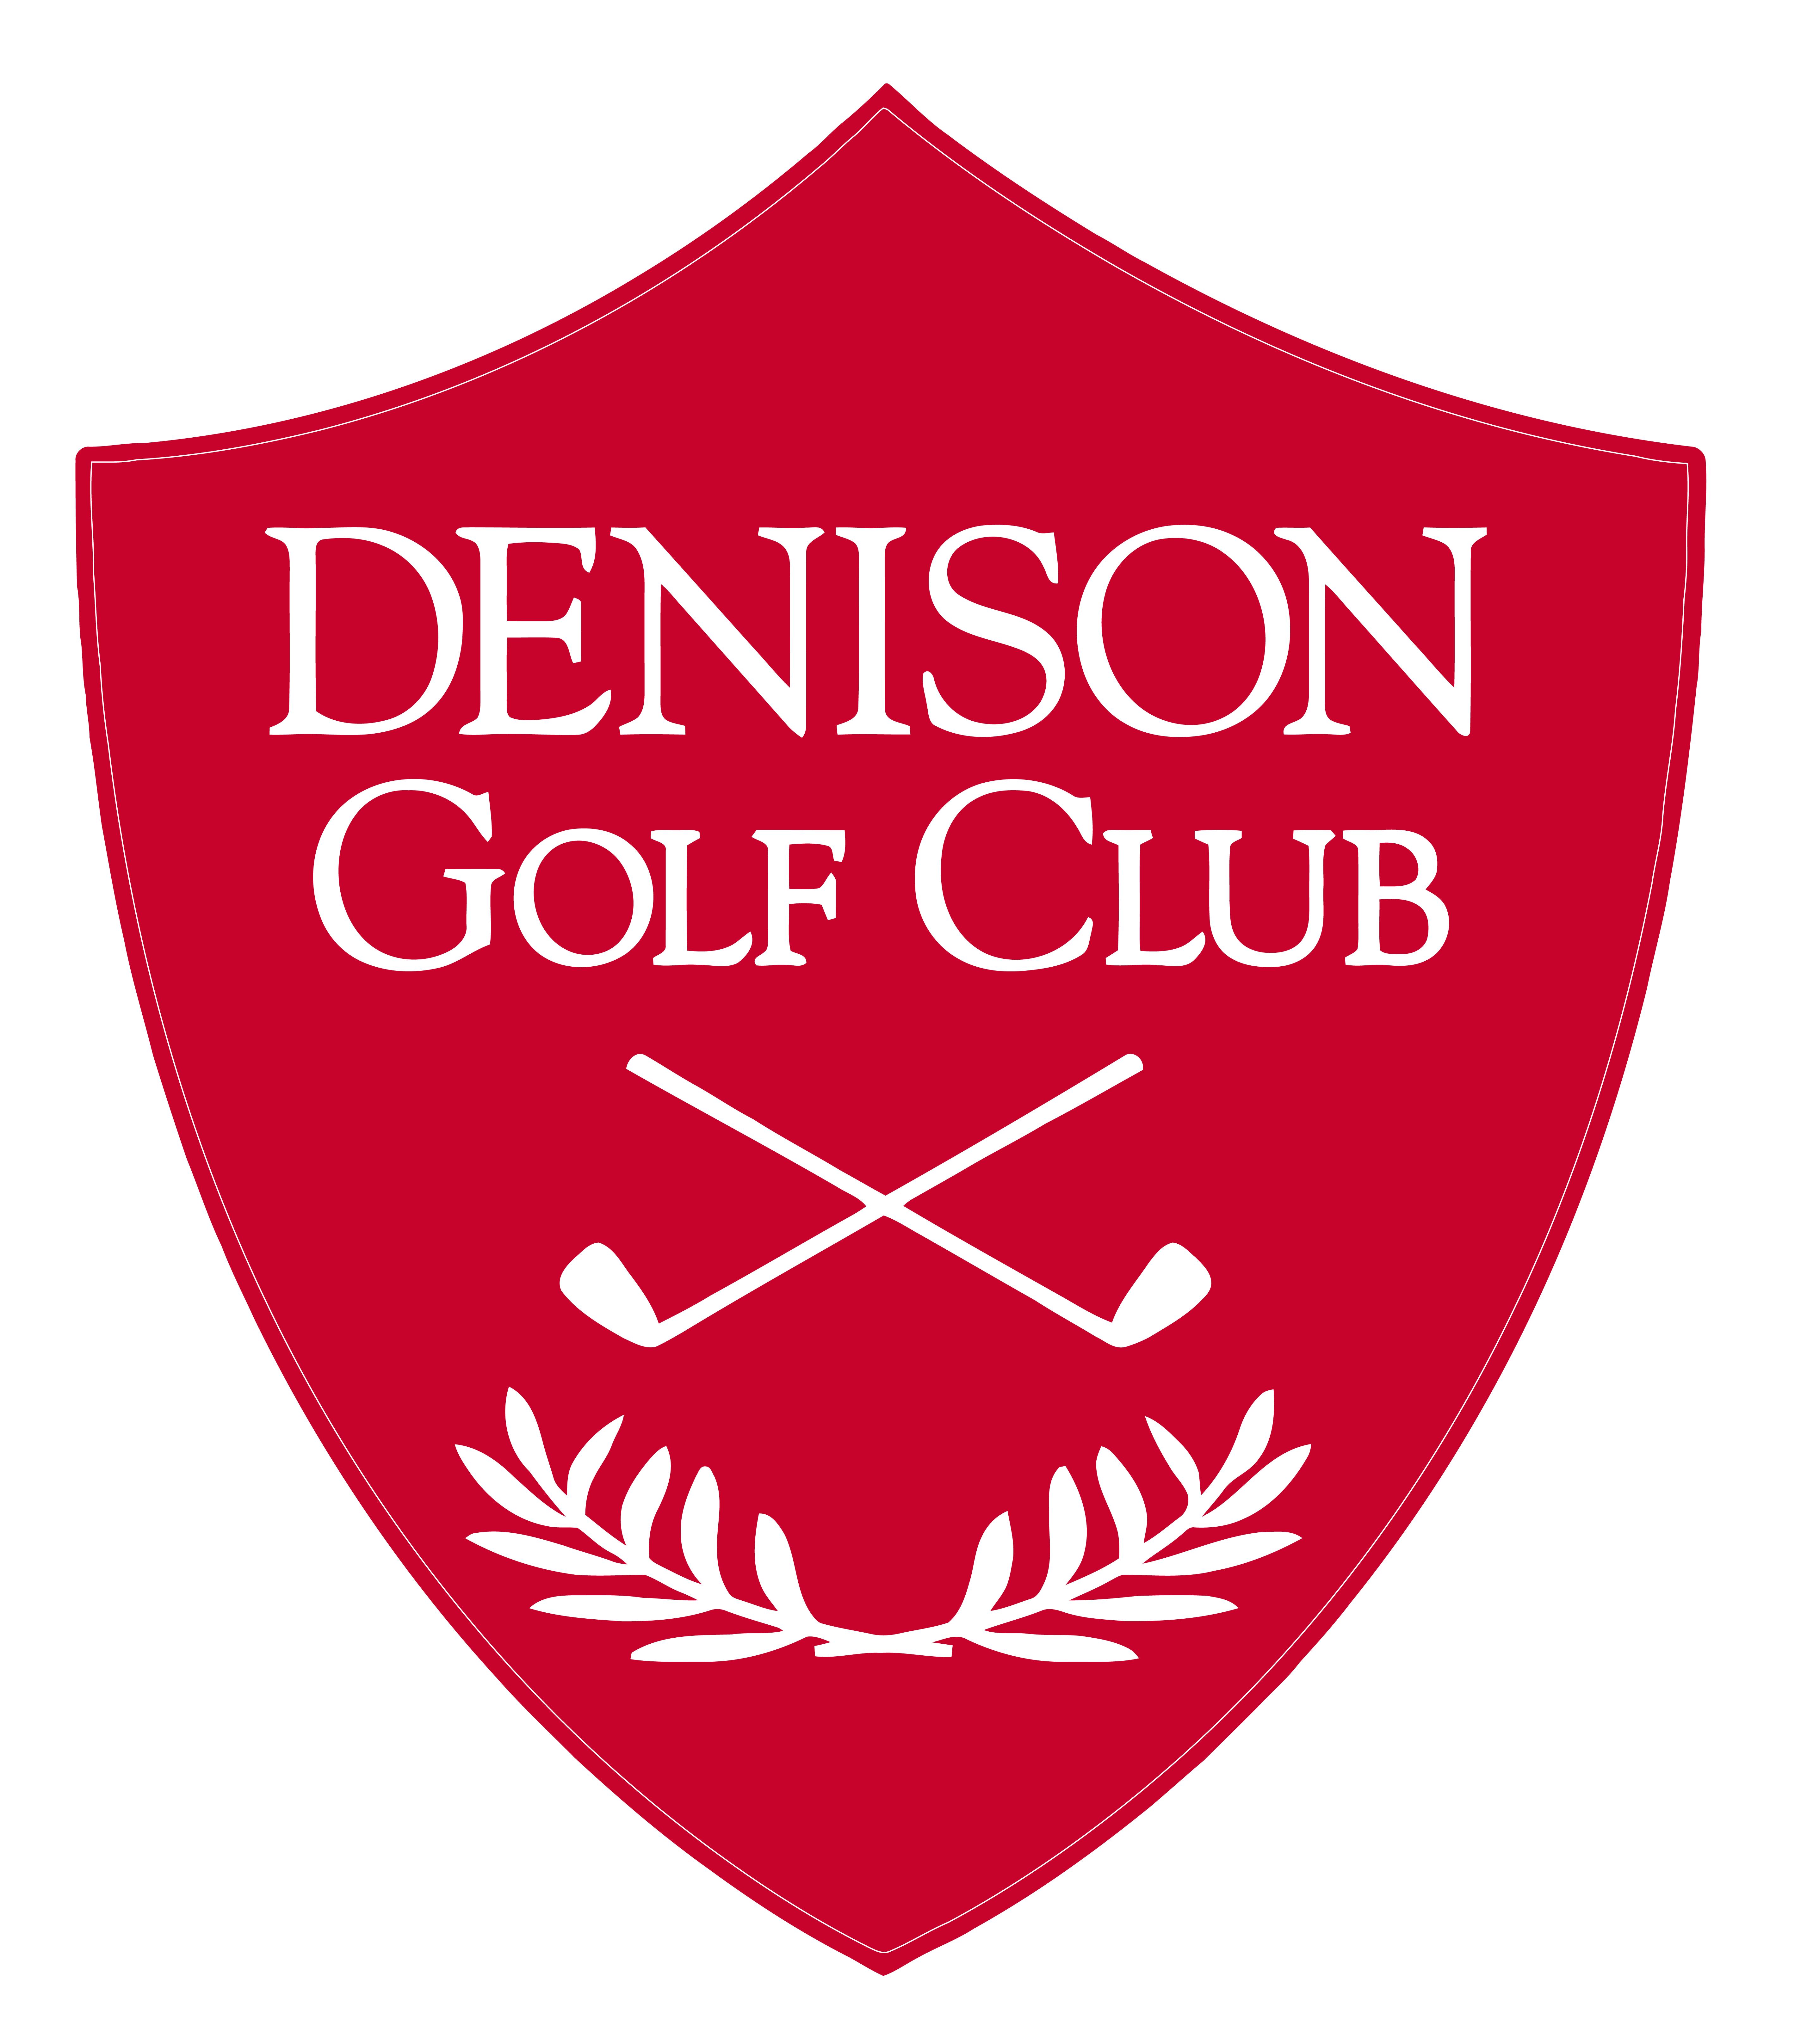 Denison Golf Club